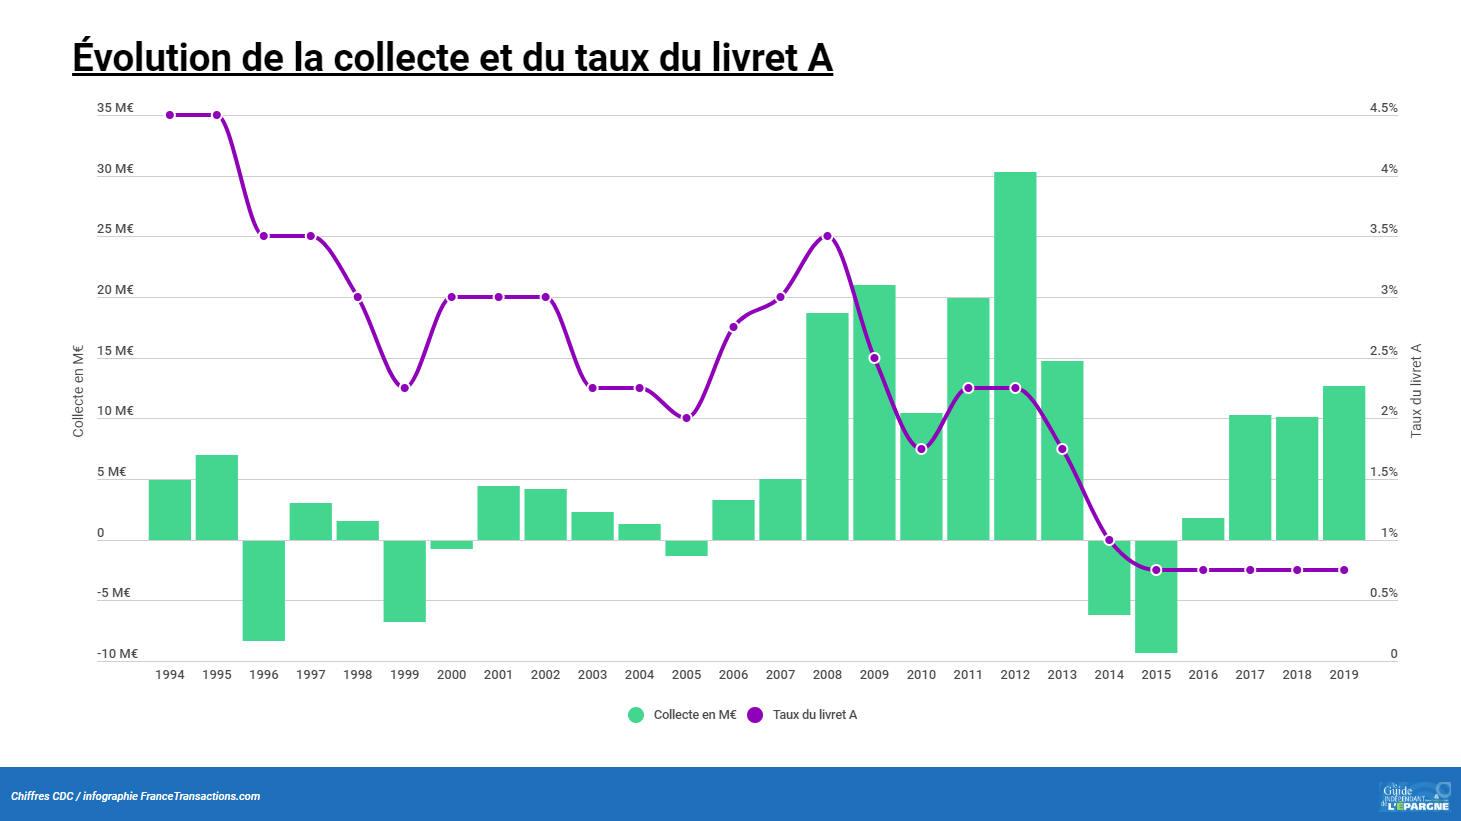 Évolution de la collecte sur le livret A (en milliards d'euros)